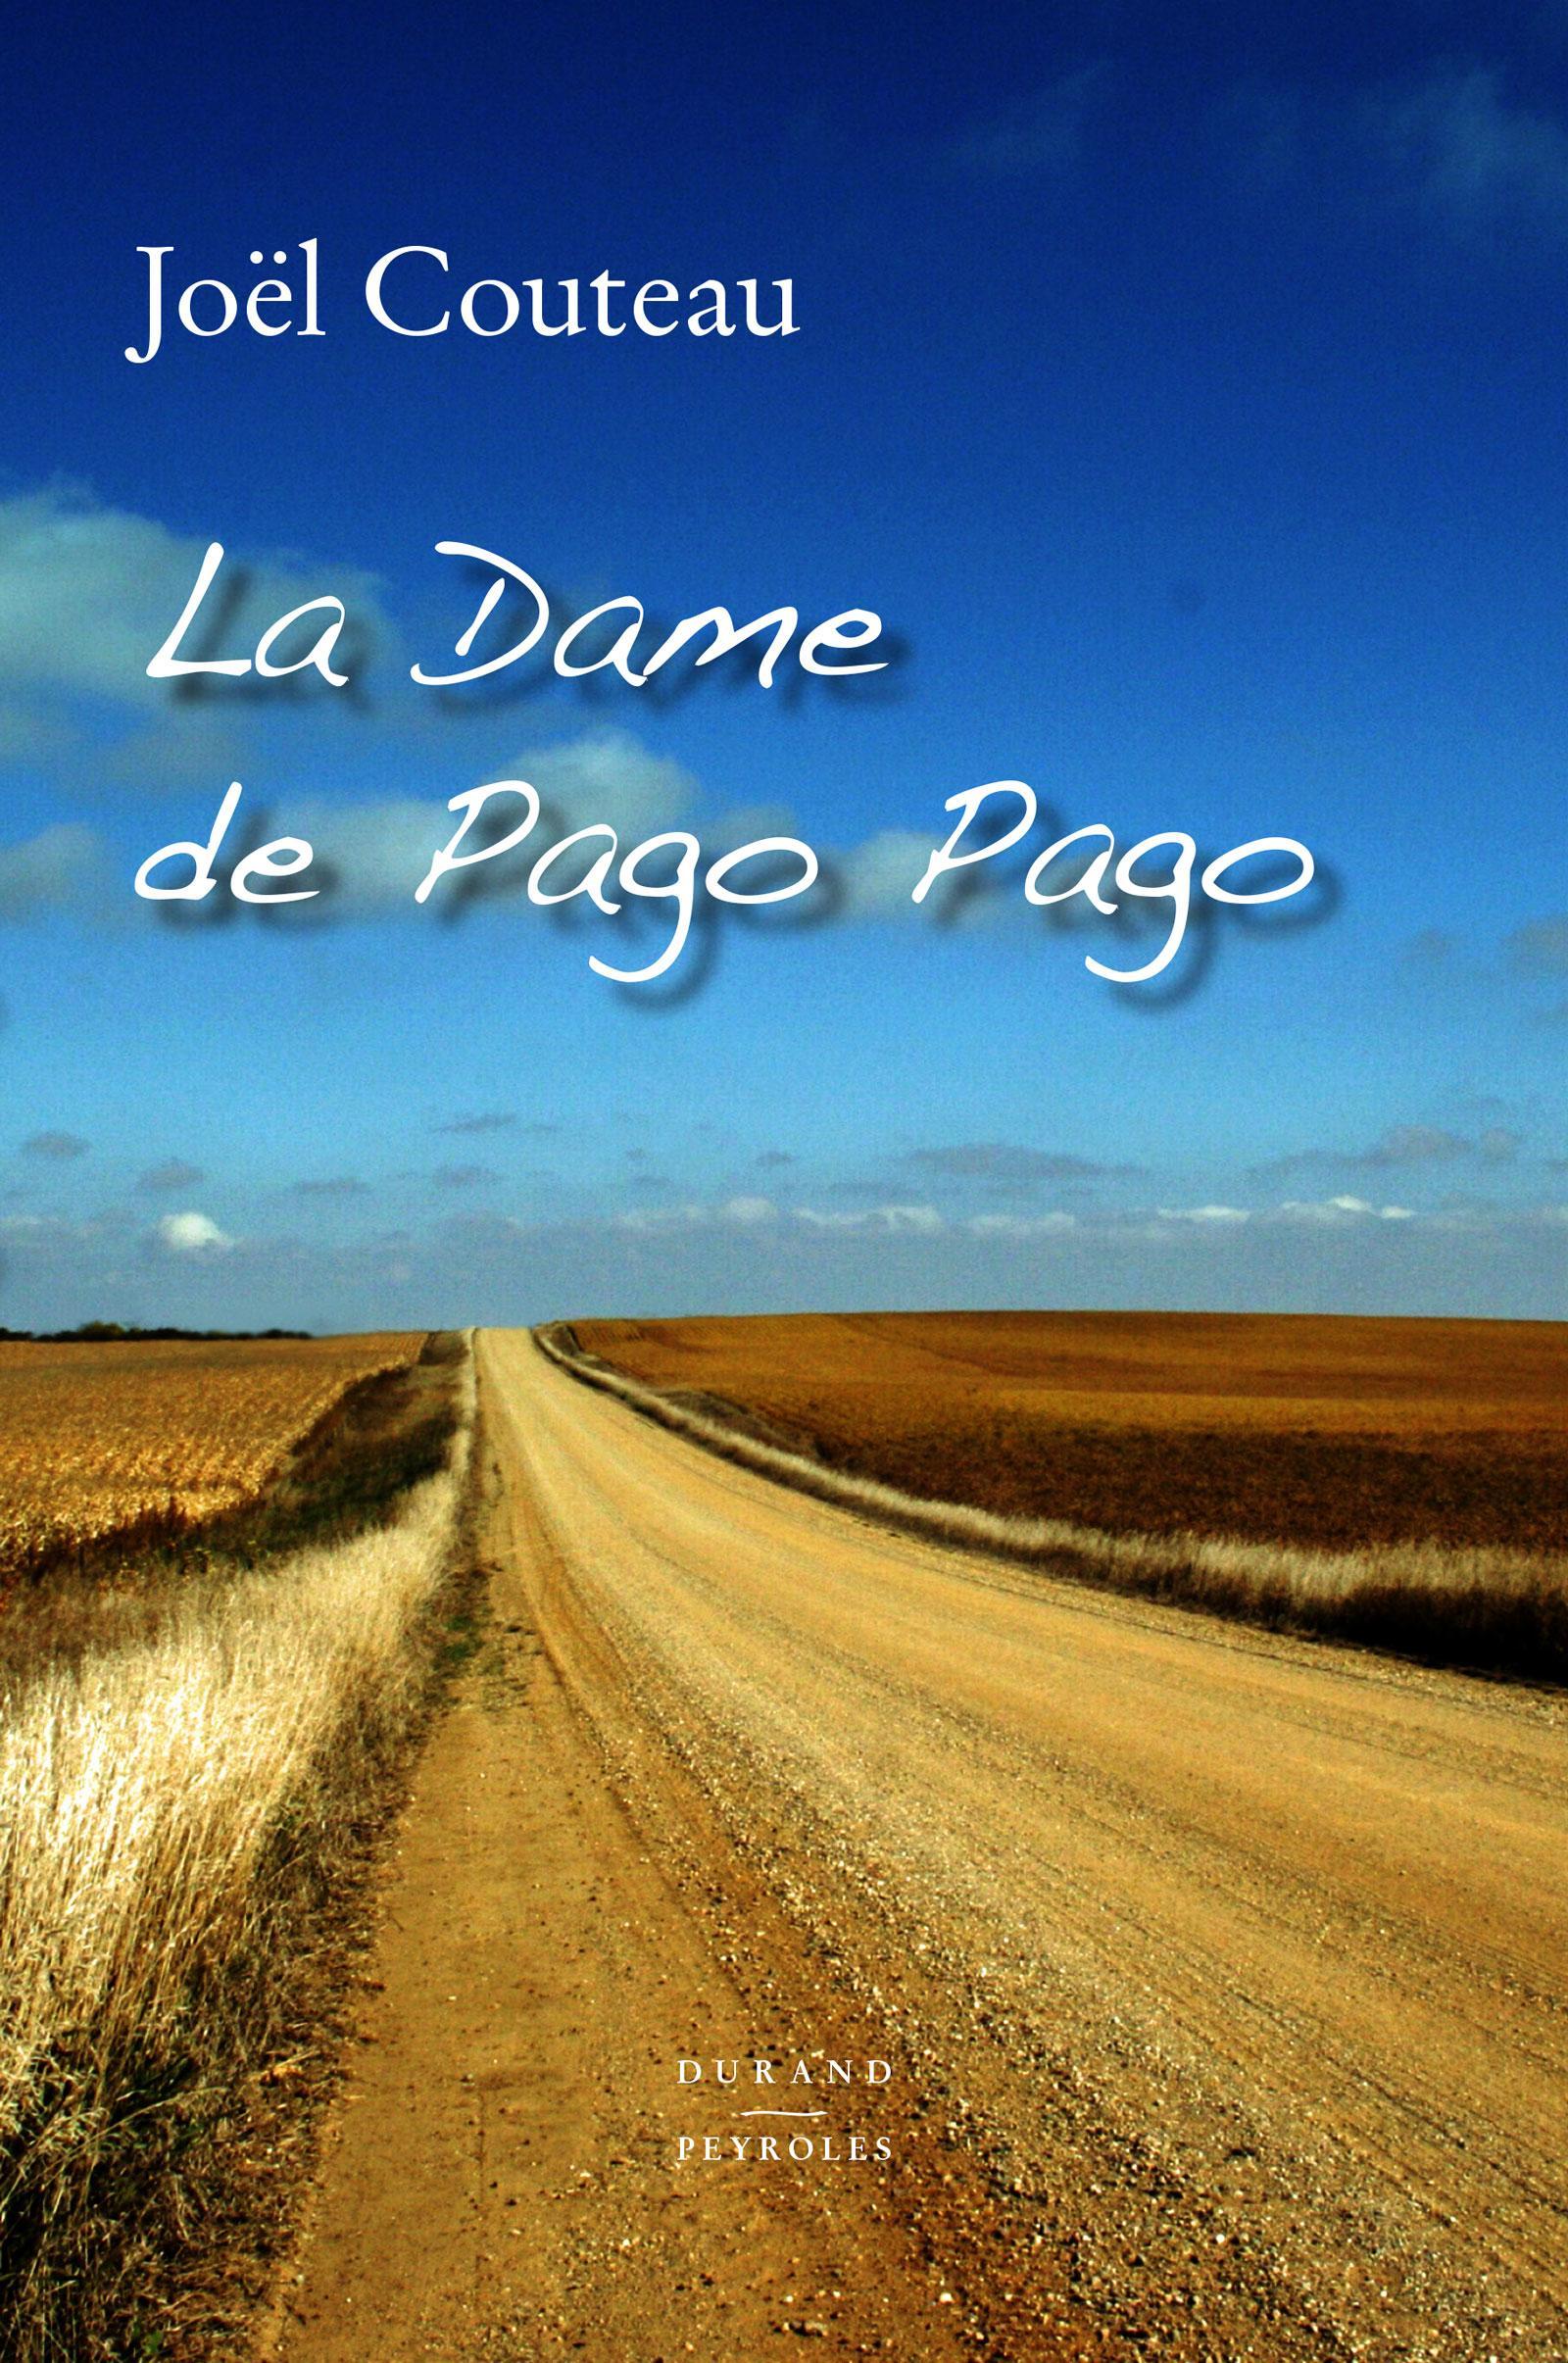 La dame de Pago-Pago